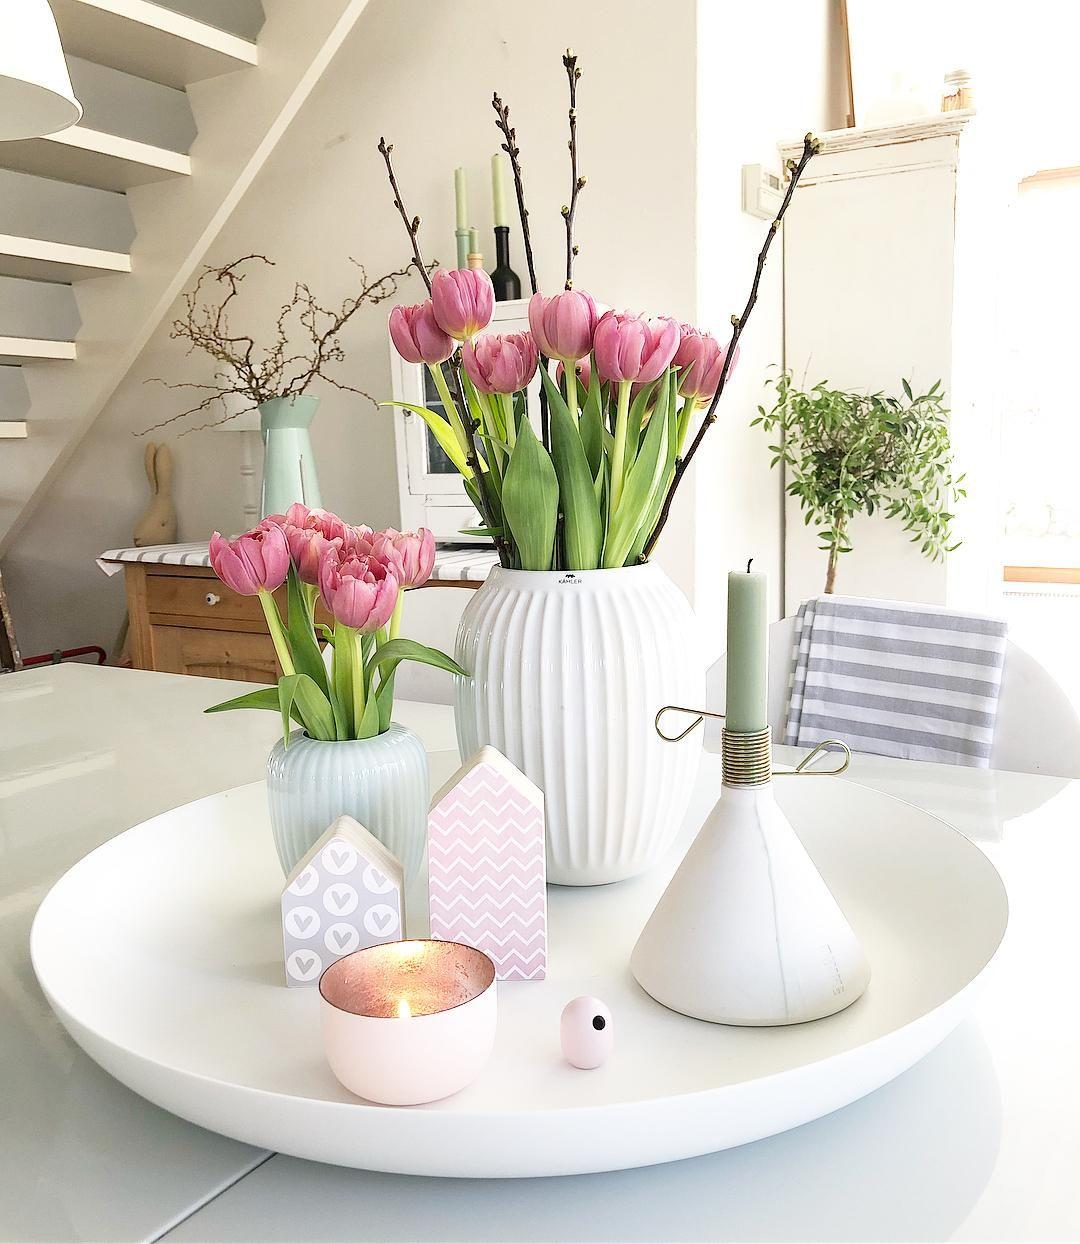 handgefertigte vase hammersh i blumen vasen deko wohnzimmer dekorieren und deko fr hling. Black Bedroom Furniture Sets. Home Design Ideas